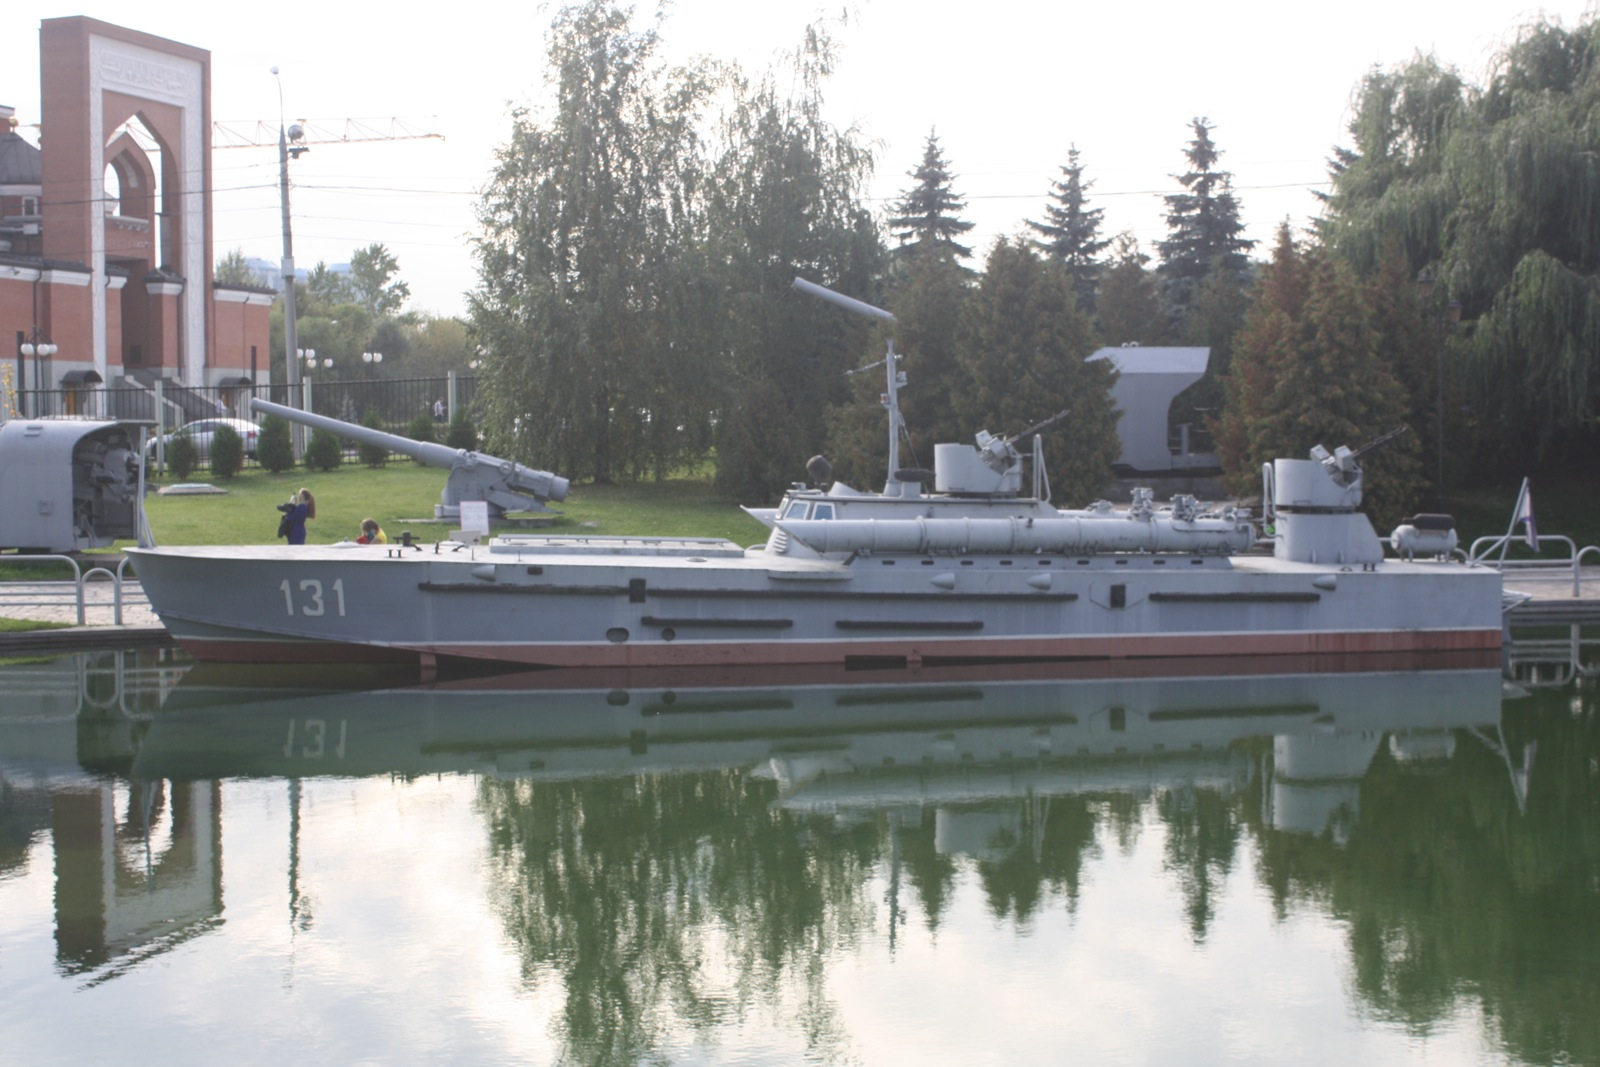 Поморски експонати изложени су на вештачком језеру музеја, па посетиоци могу видети и разарач и подморницу.